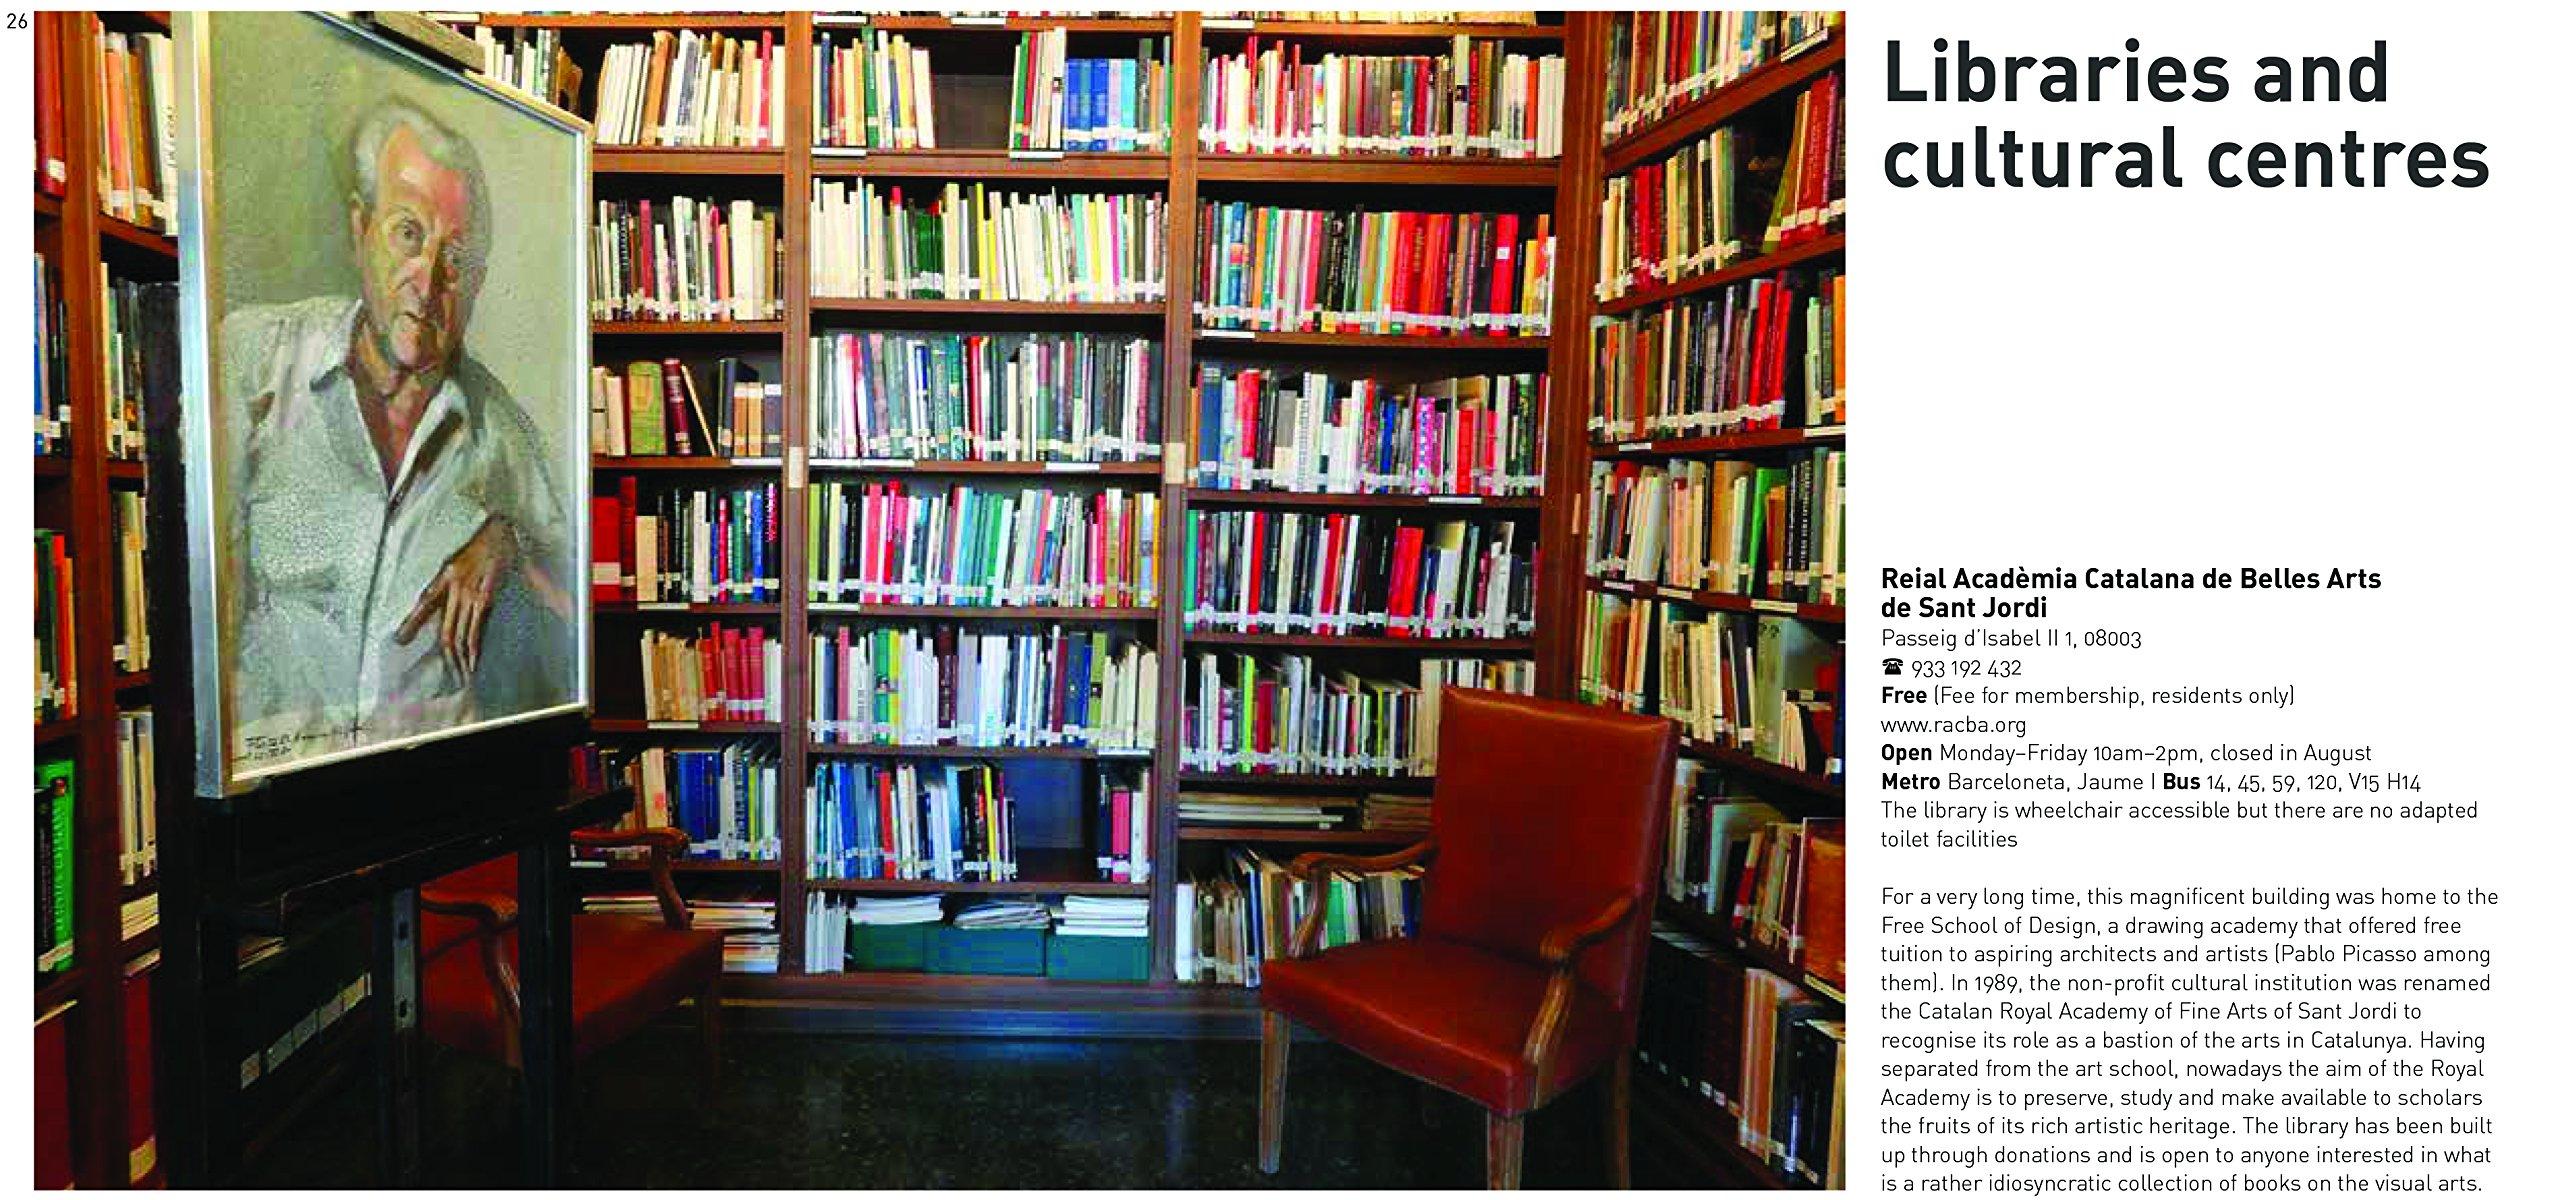 Quiet Barcelona: Siobhan Wall, Cristina Peralta: 9780711238121: Amazon.com: Books